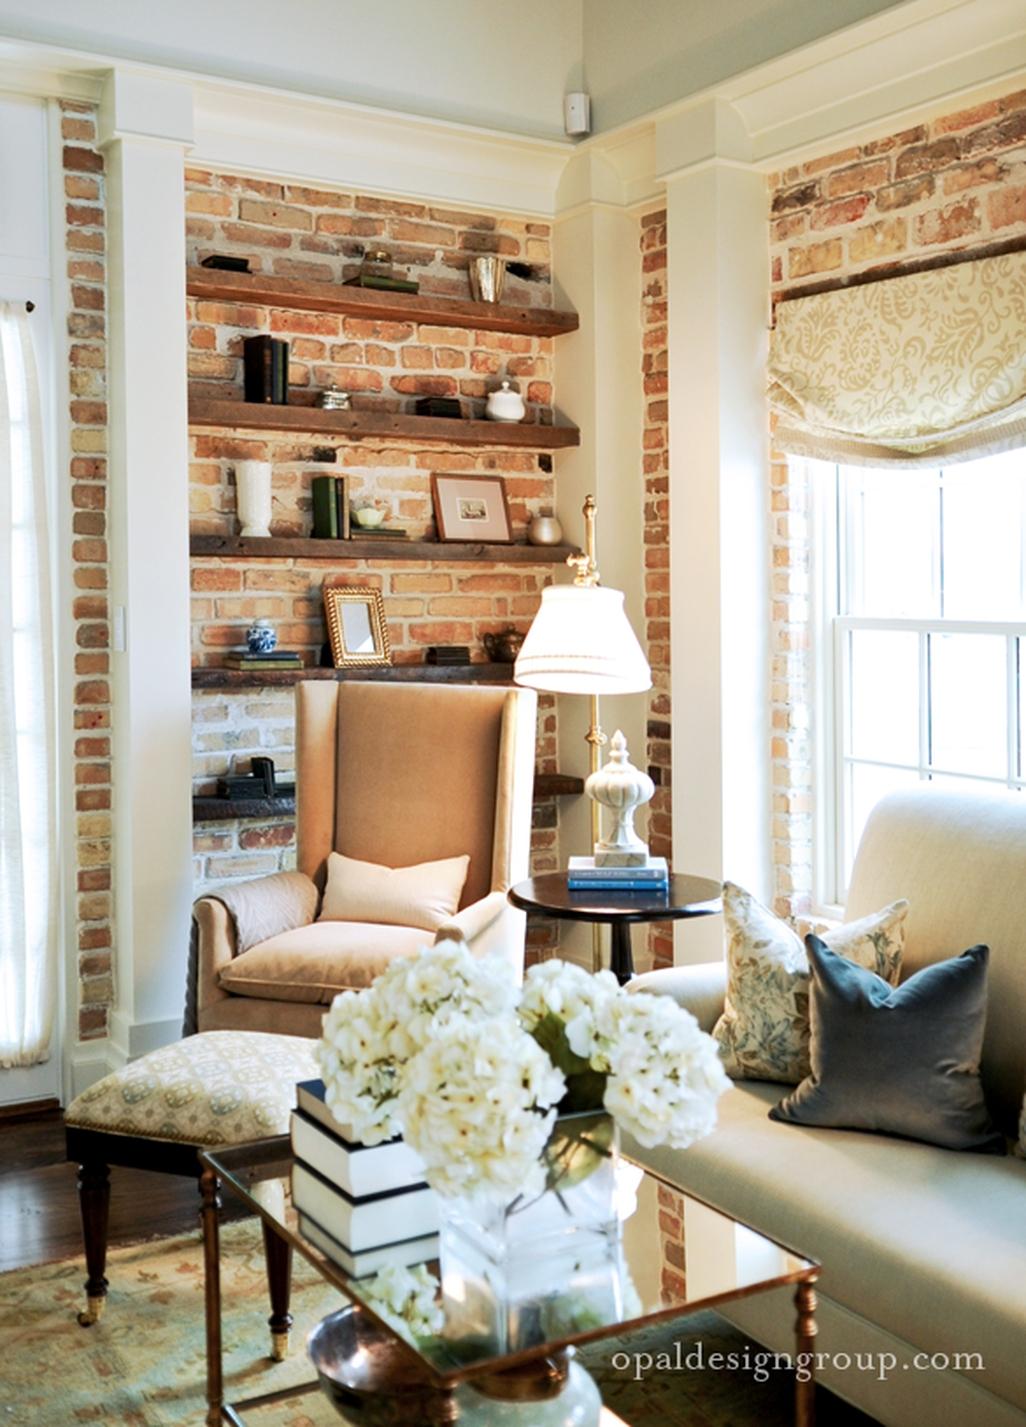 Elegant Exposed Brick Apartment Décor Ideas 13